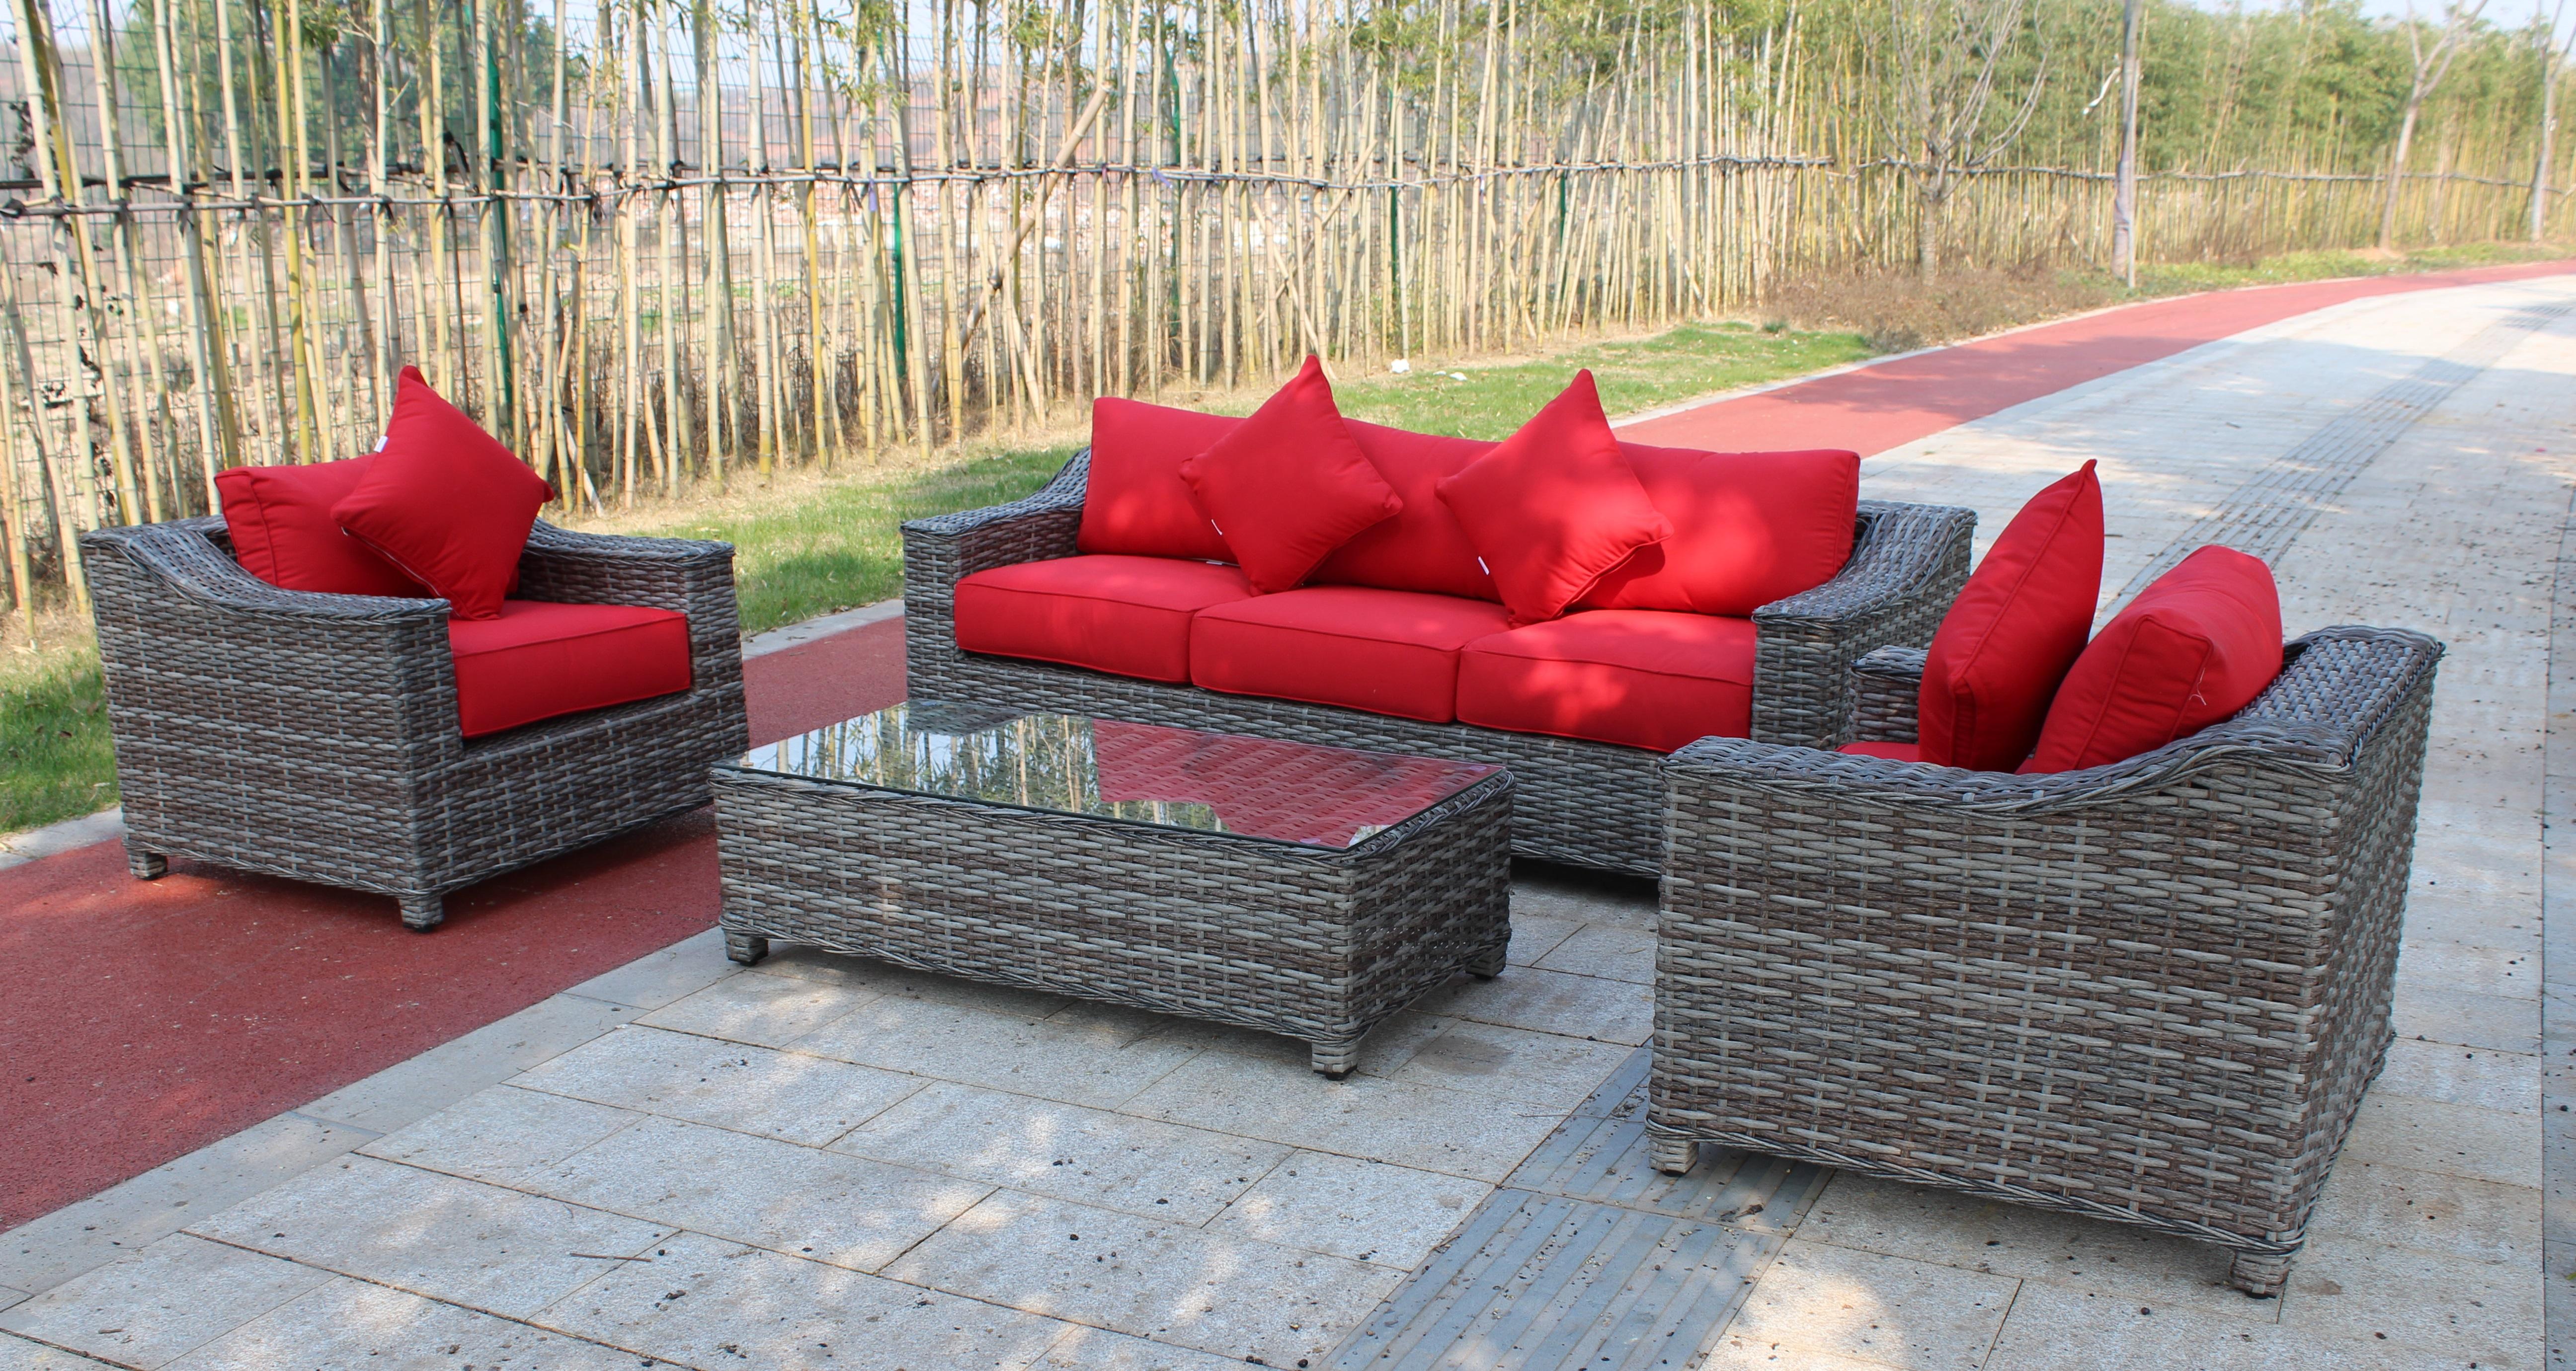 New sunlounger 4 pcs outdoor furniture set sunbrella fabric